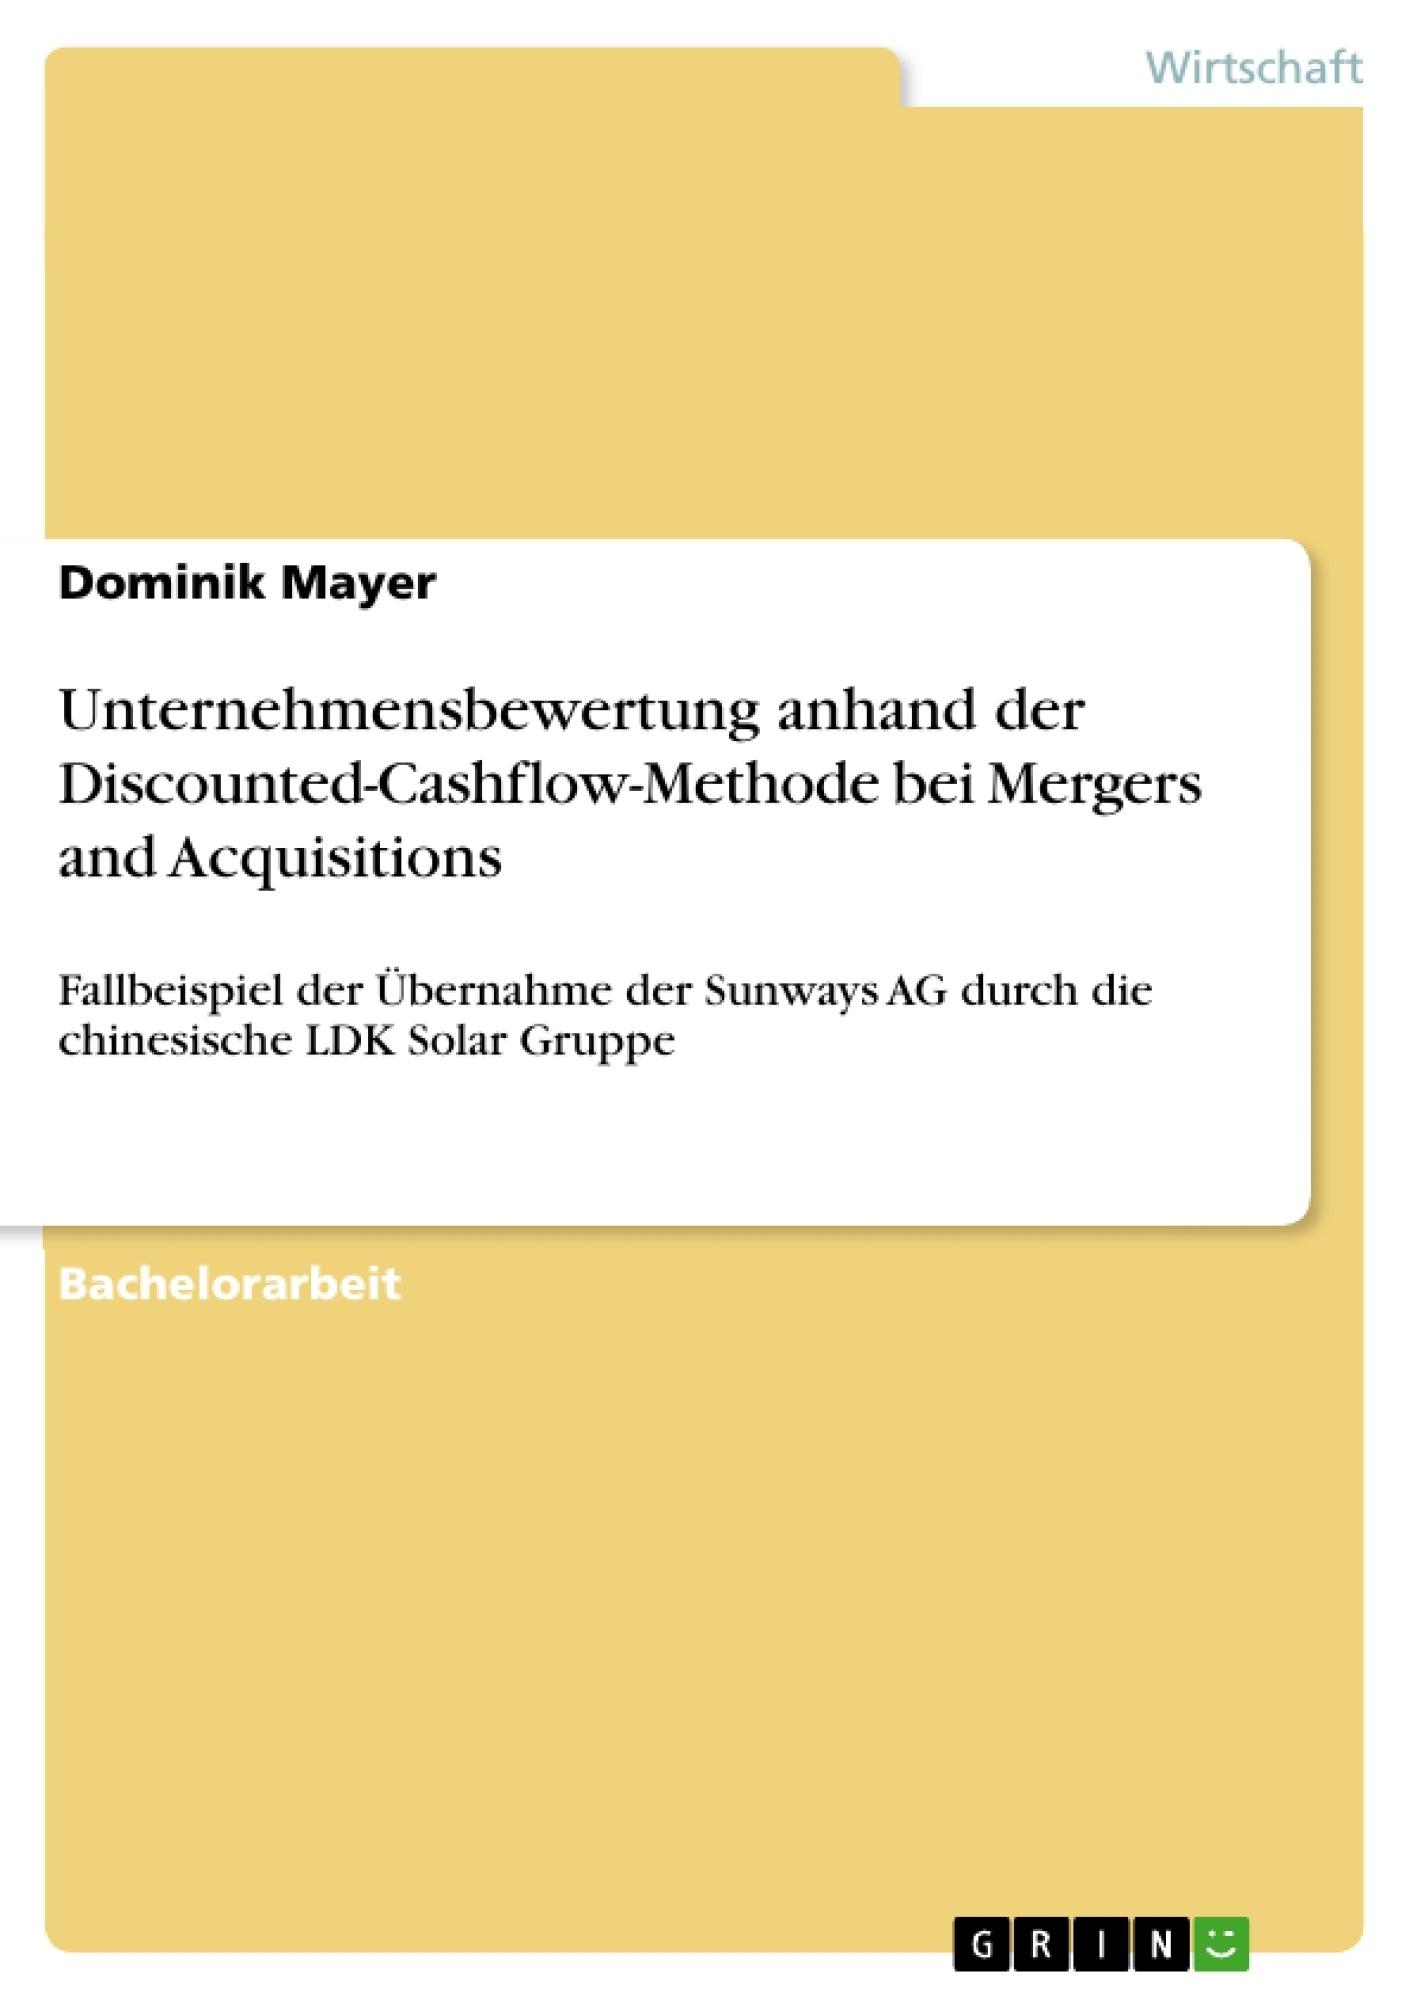 Titel: Unternehmensbewertung anhand der Discounted-Cashflow-Methode bei Mergers and Acquisitions